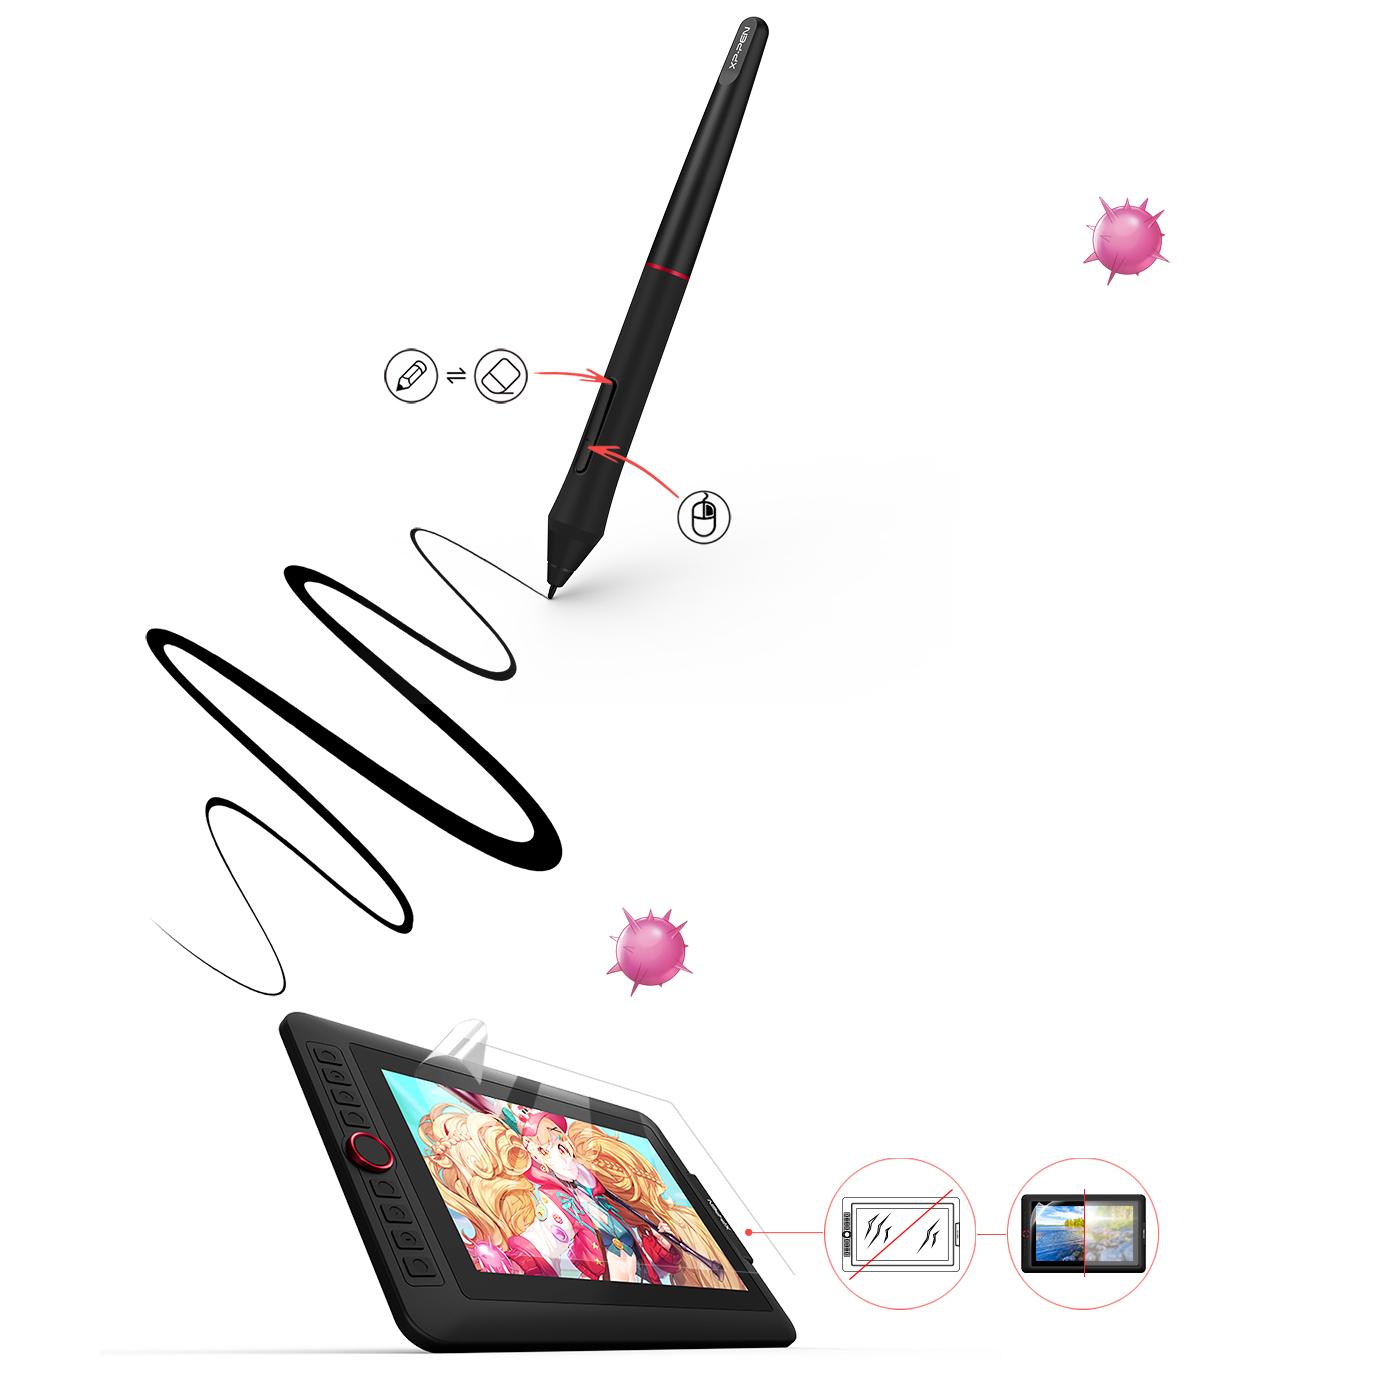 XP-Pen Artist 13.3 Pro tableta Con 8 teclas de acceso rápido personalizables